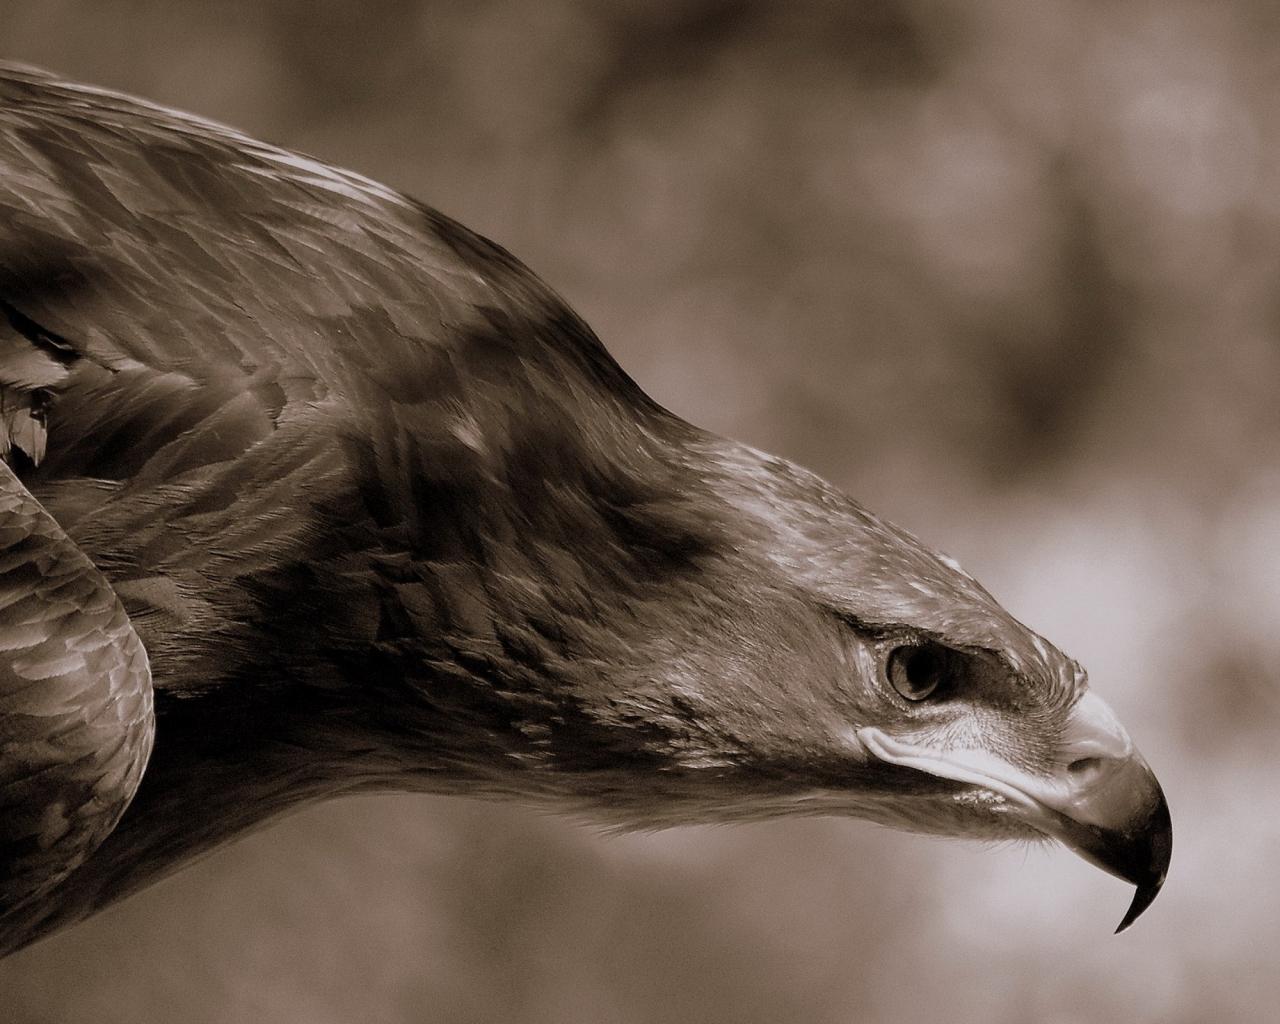 Aguila Marron en caceria - 1280x1024